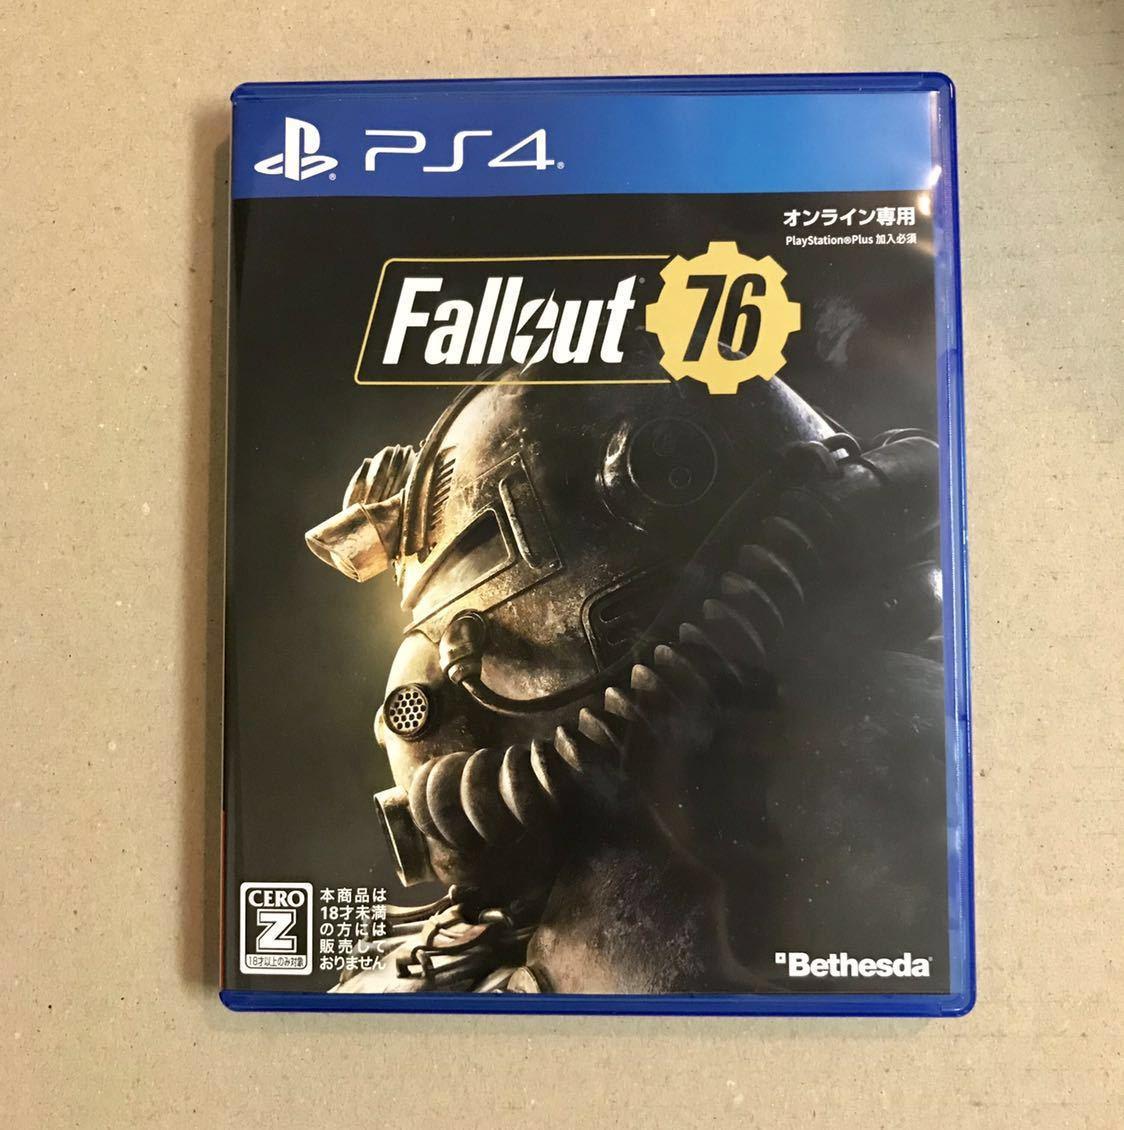 【超美品】 PS4 Fallout76 フォールアウト76  スマートレターで送料無料!